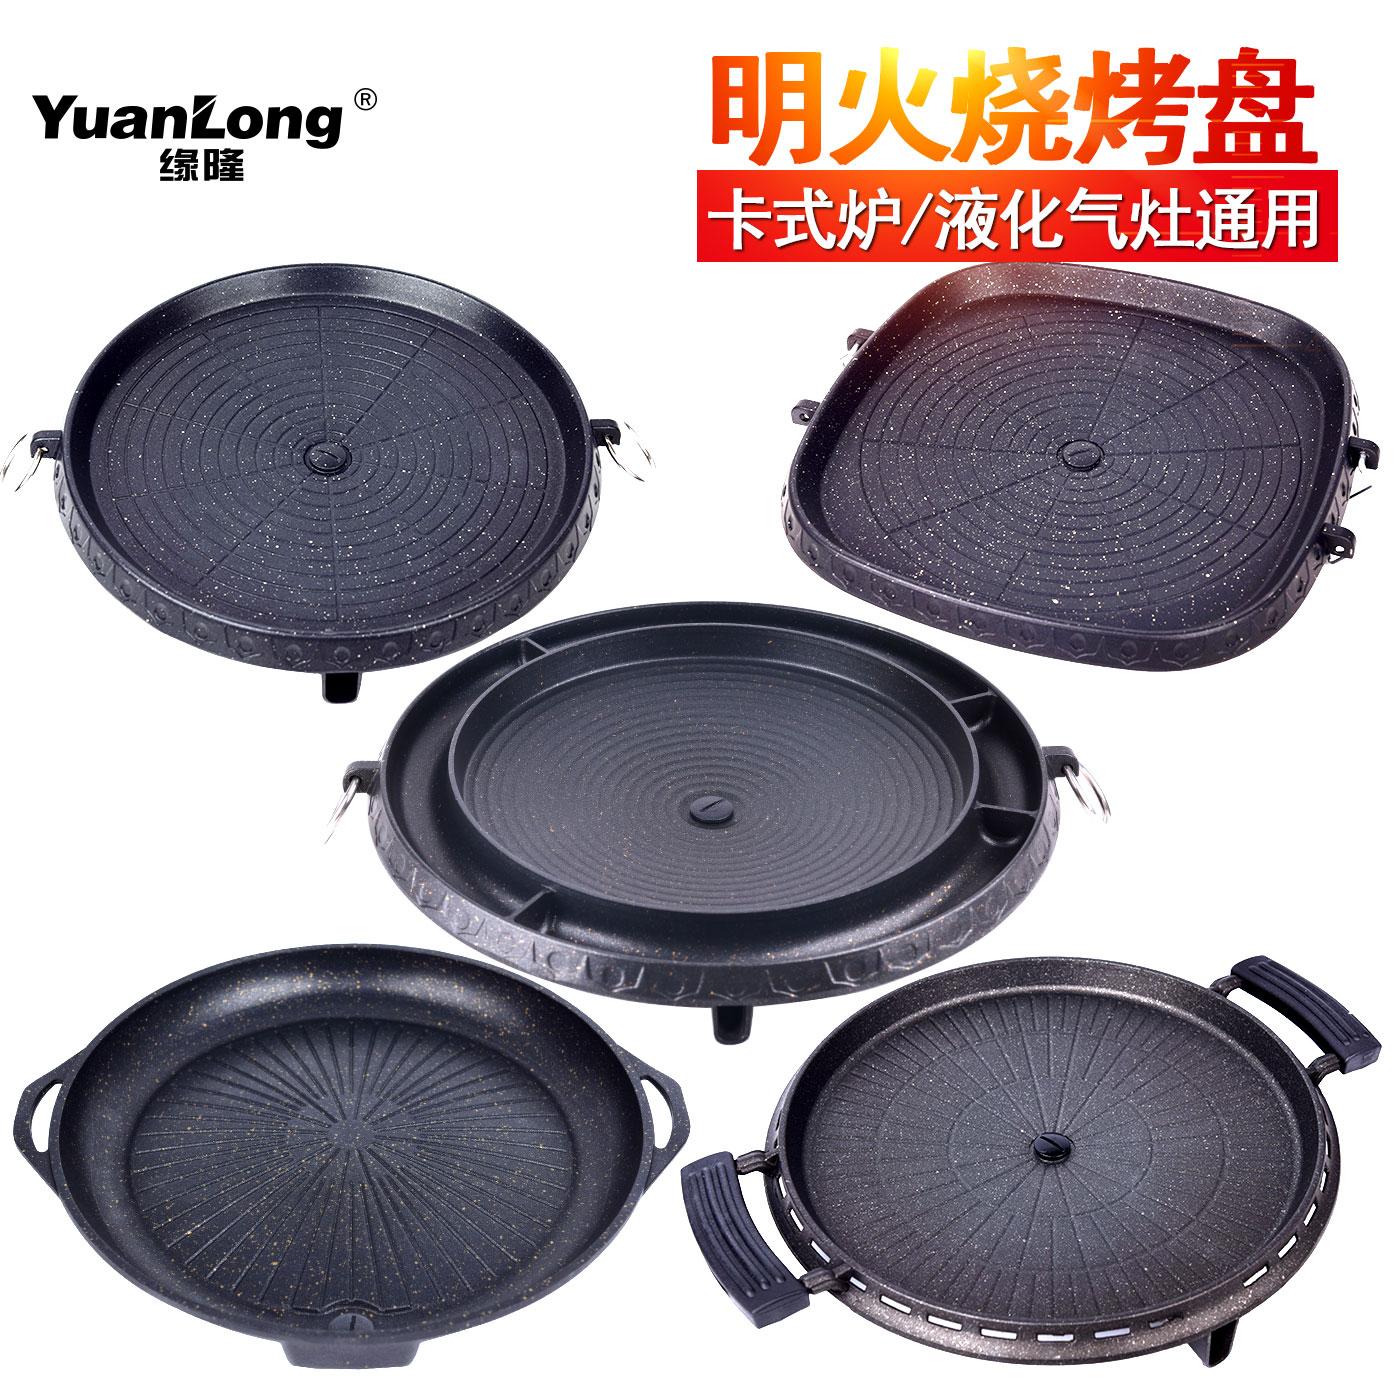 韓式烤肉盤韓國燒烤盤方形加厚麥飯石燒盤家用烤肉鍋雞蛋糕明火盤